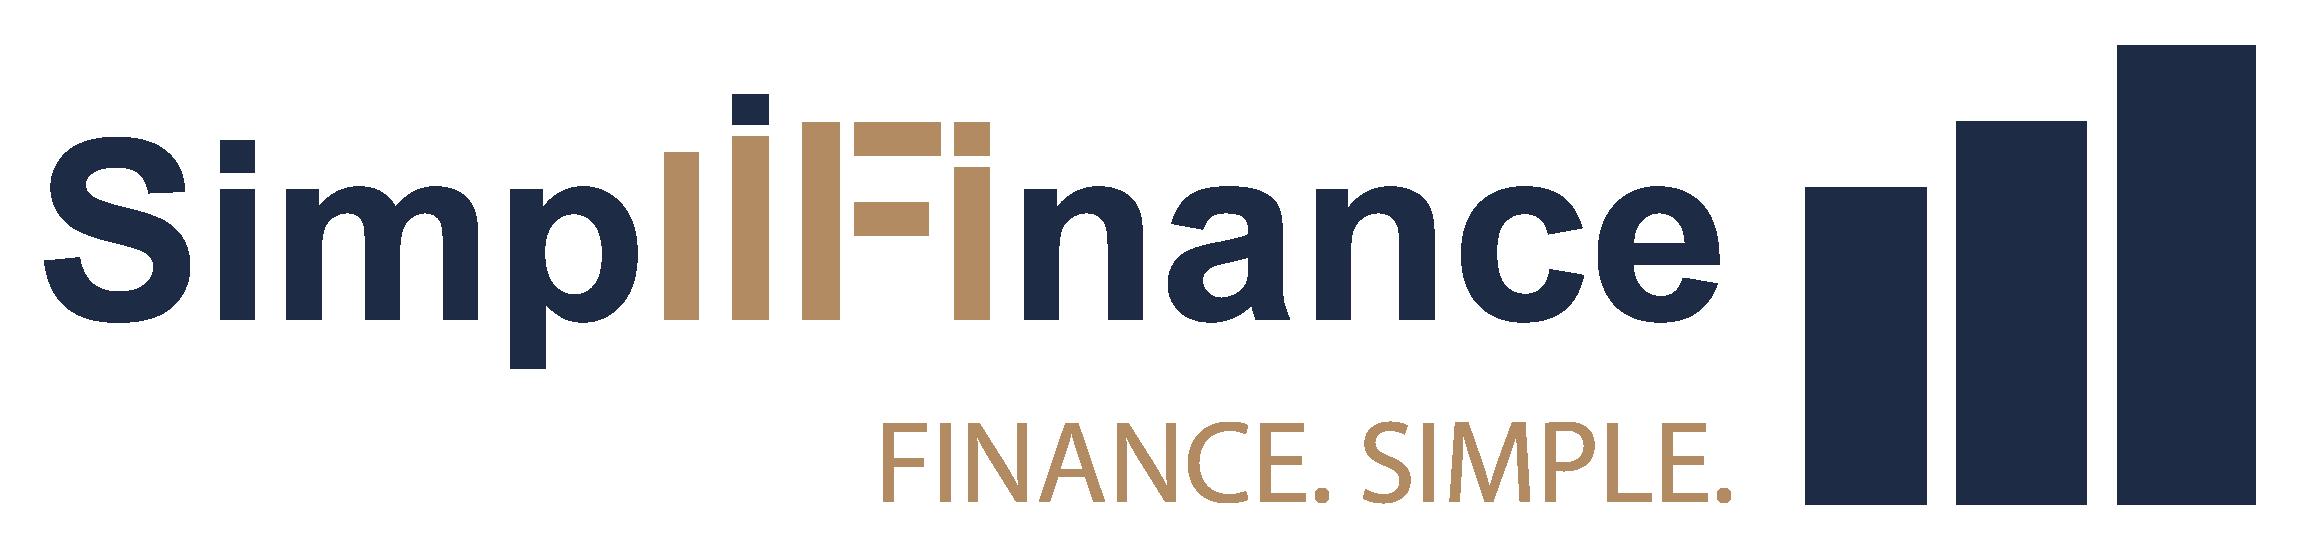 SimpliFinance